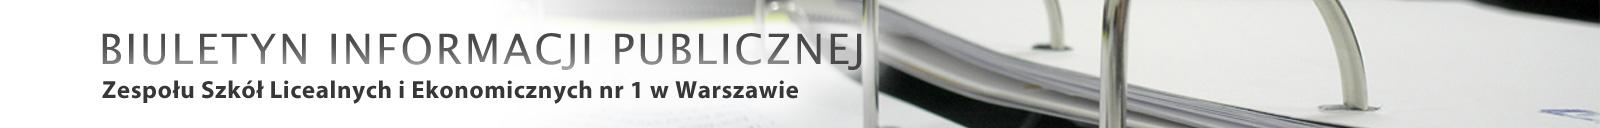 Baner BIP Zespołu Szkół Licealnych i Ekonomicznych nr 1 w Warszawie